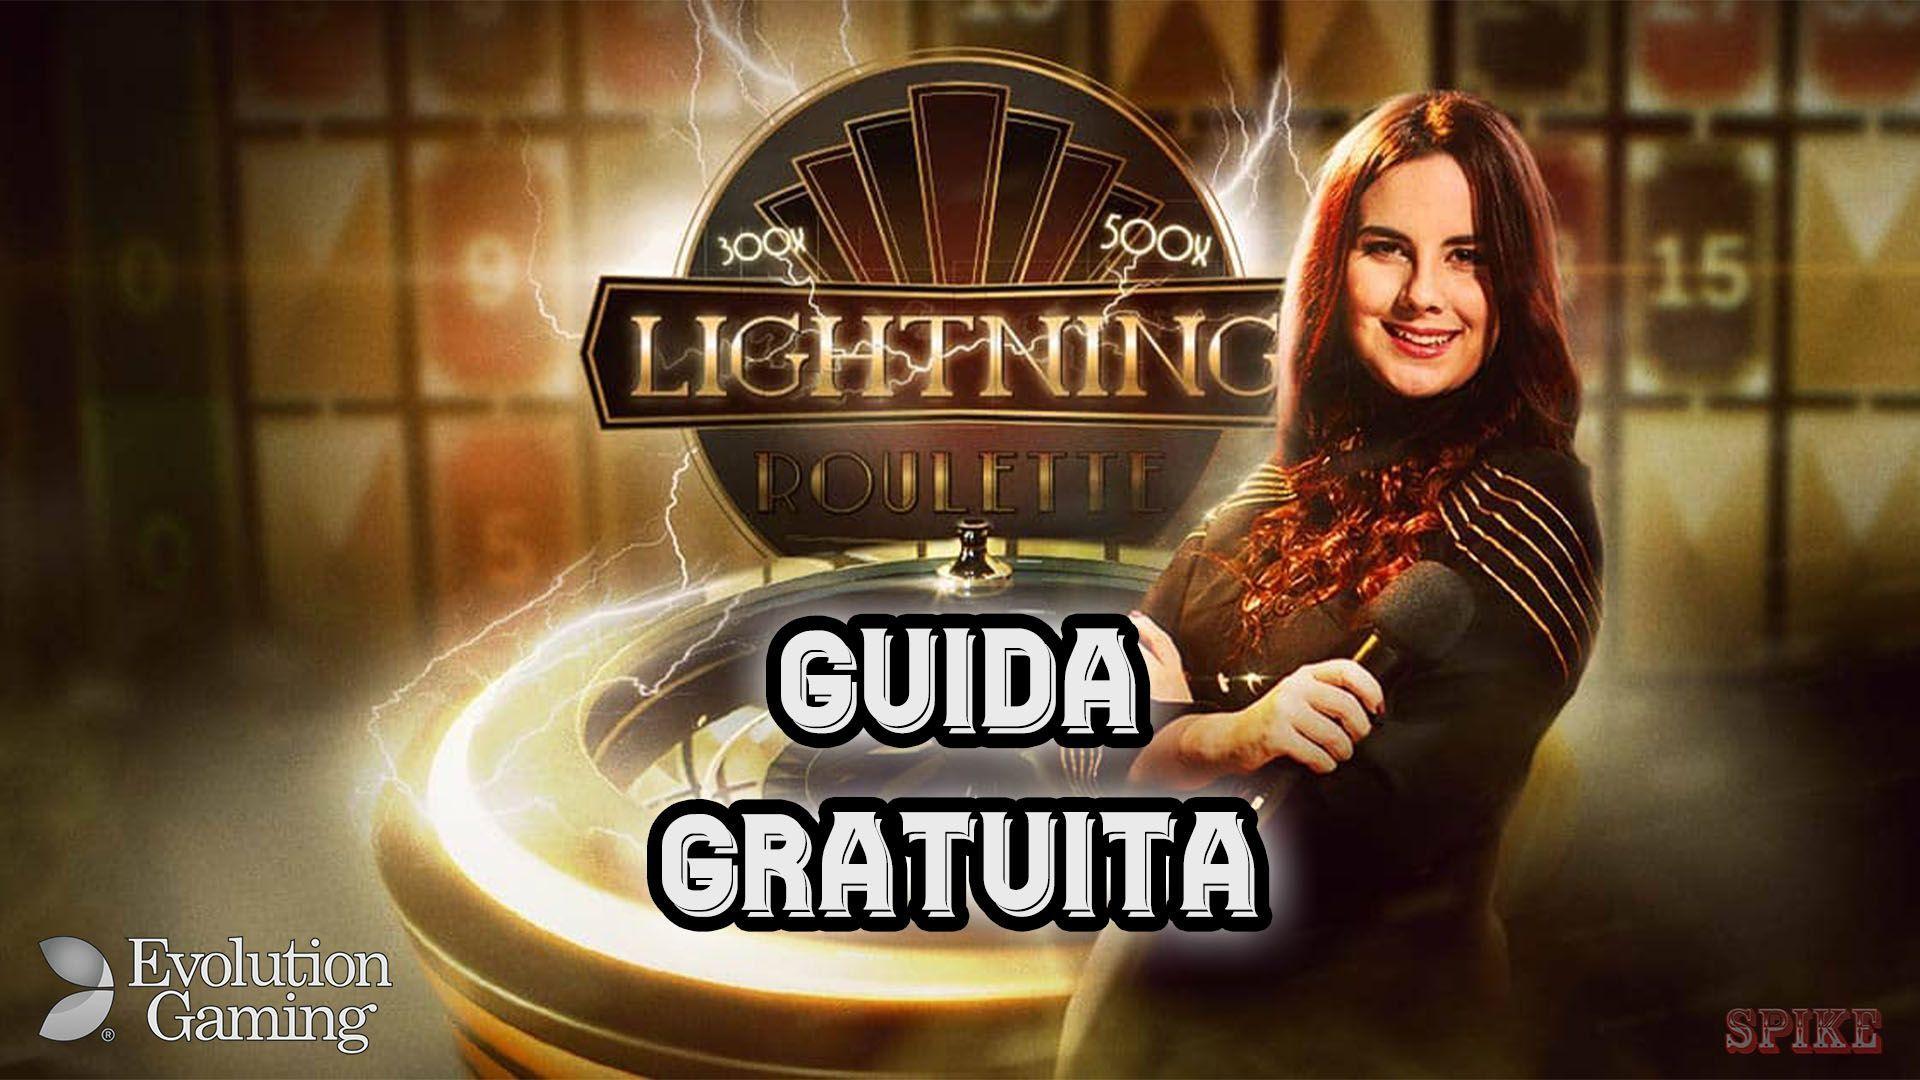 Lightning Roulette Evolution Gaming Guida Gratis